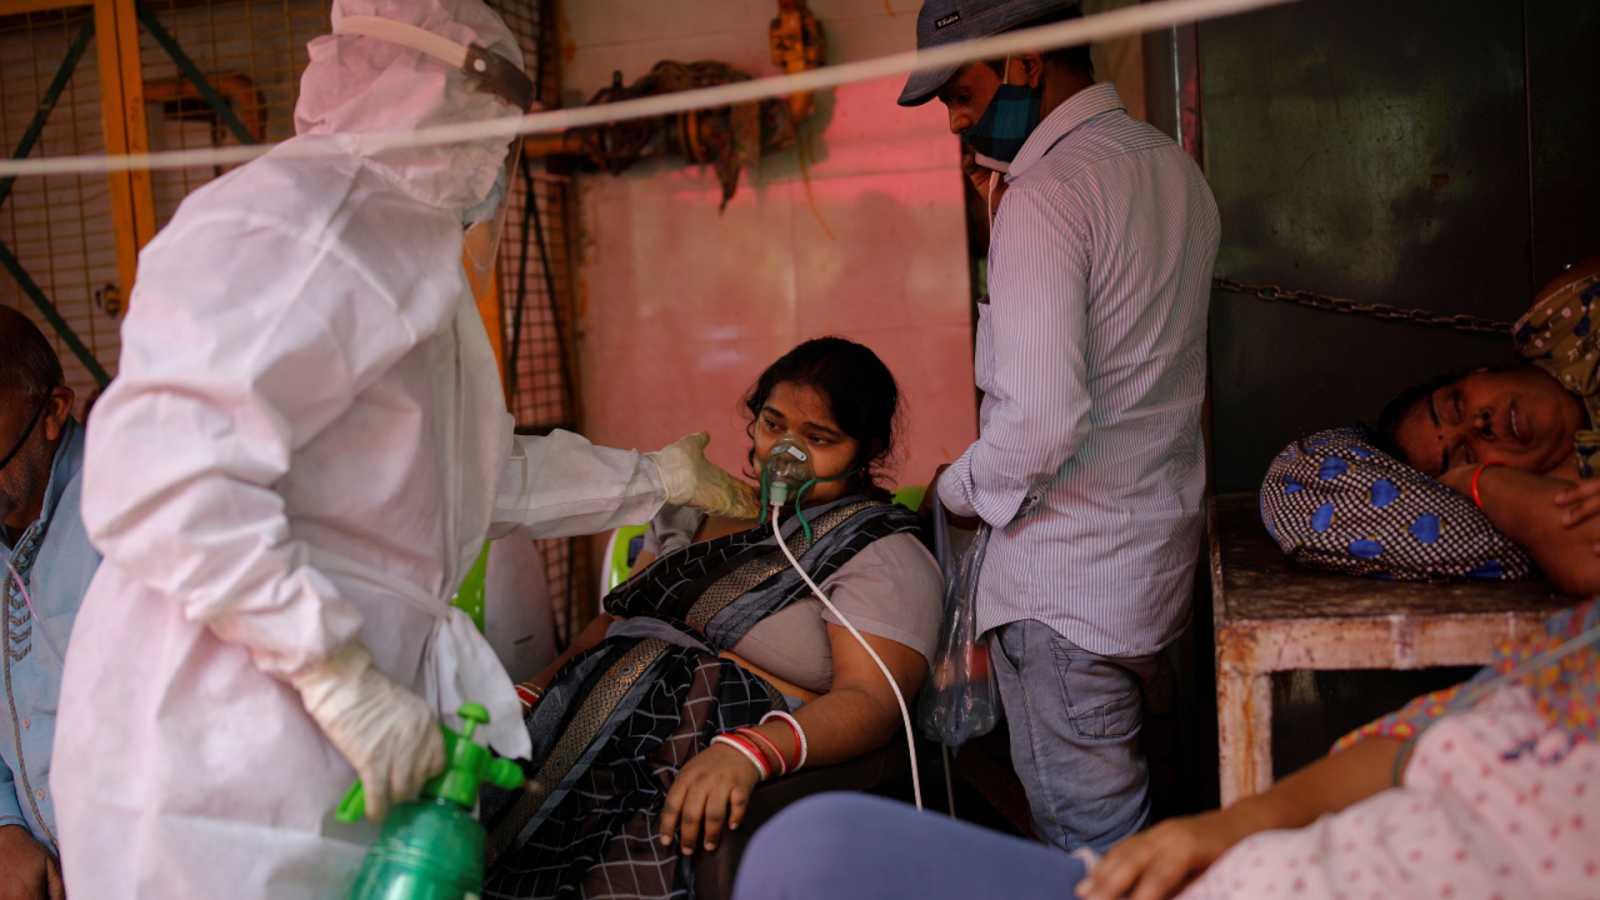 Cinco continentes - India: «no sabemos qué está pasando con los otros enfermos» - Escuchar ahora